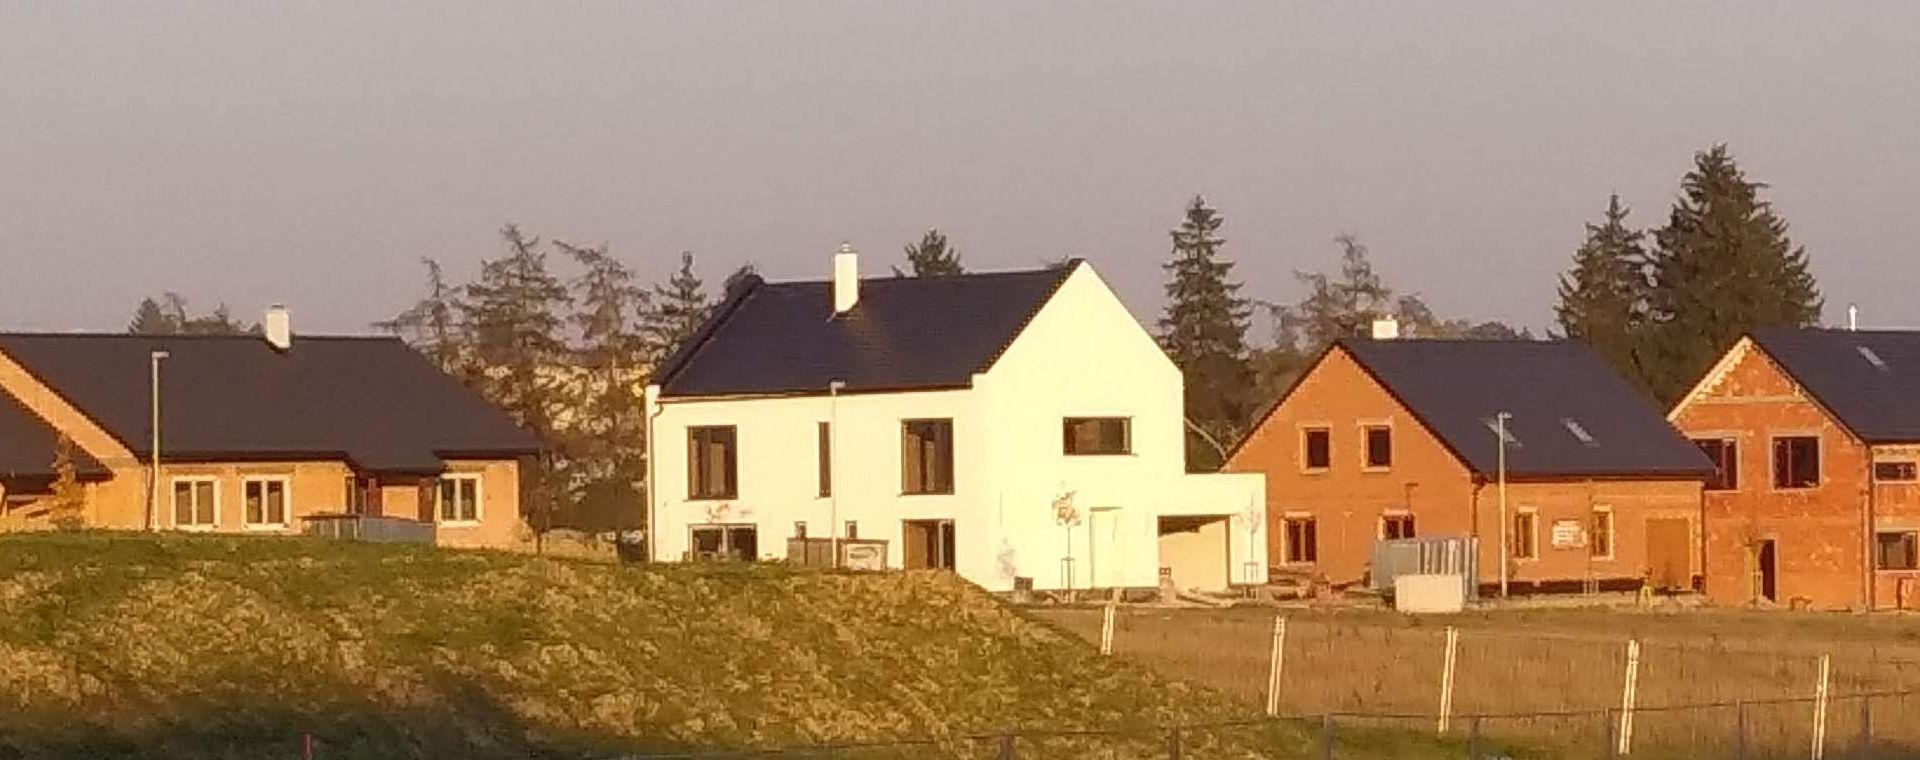 Realizace novostavby rodinného domu / vily do Žďáru nad Sázavou, 2016-2018, CZ